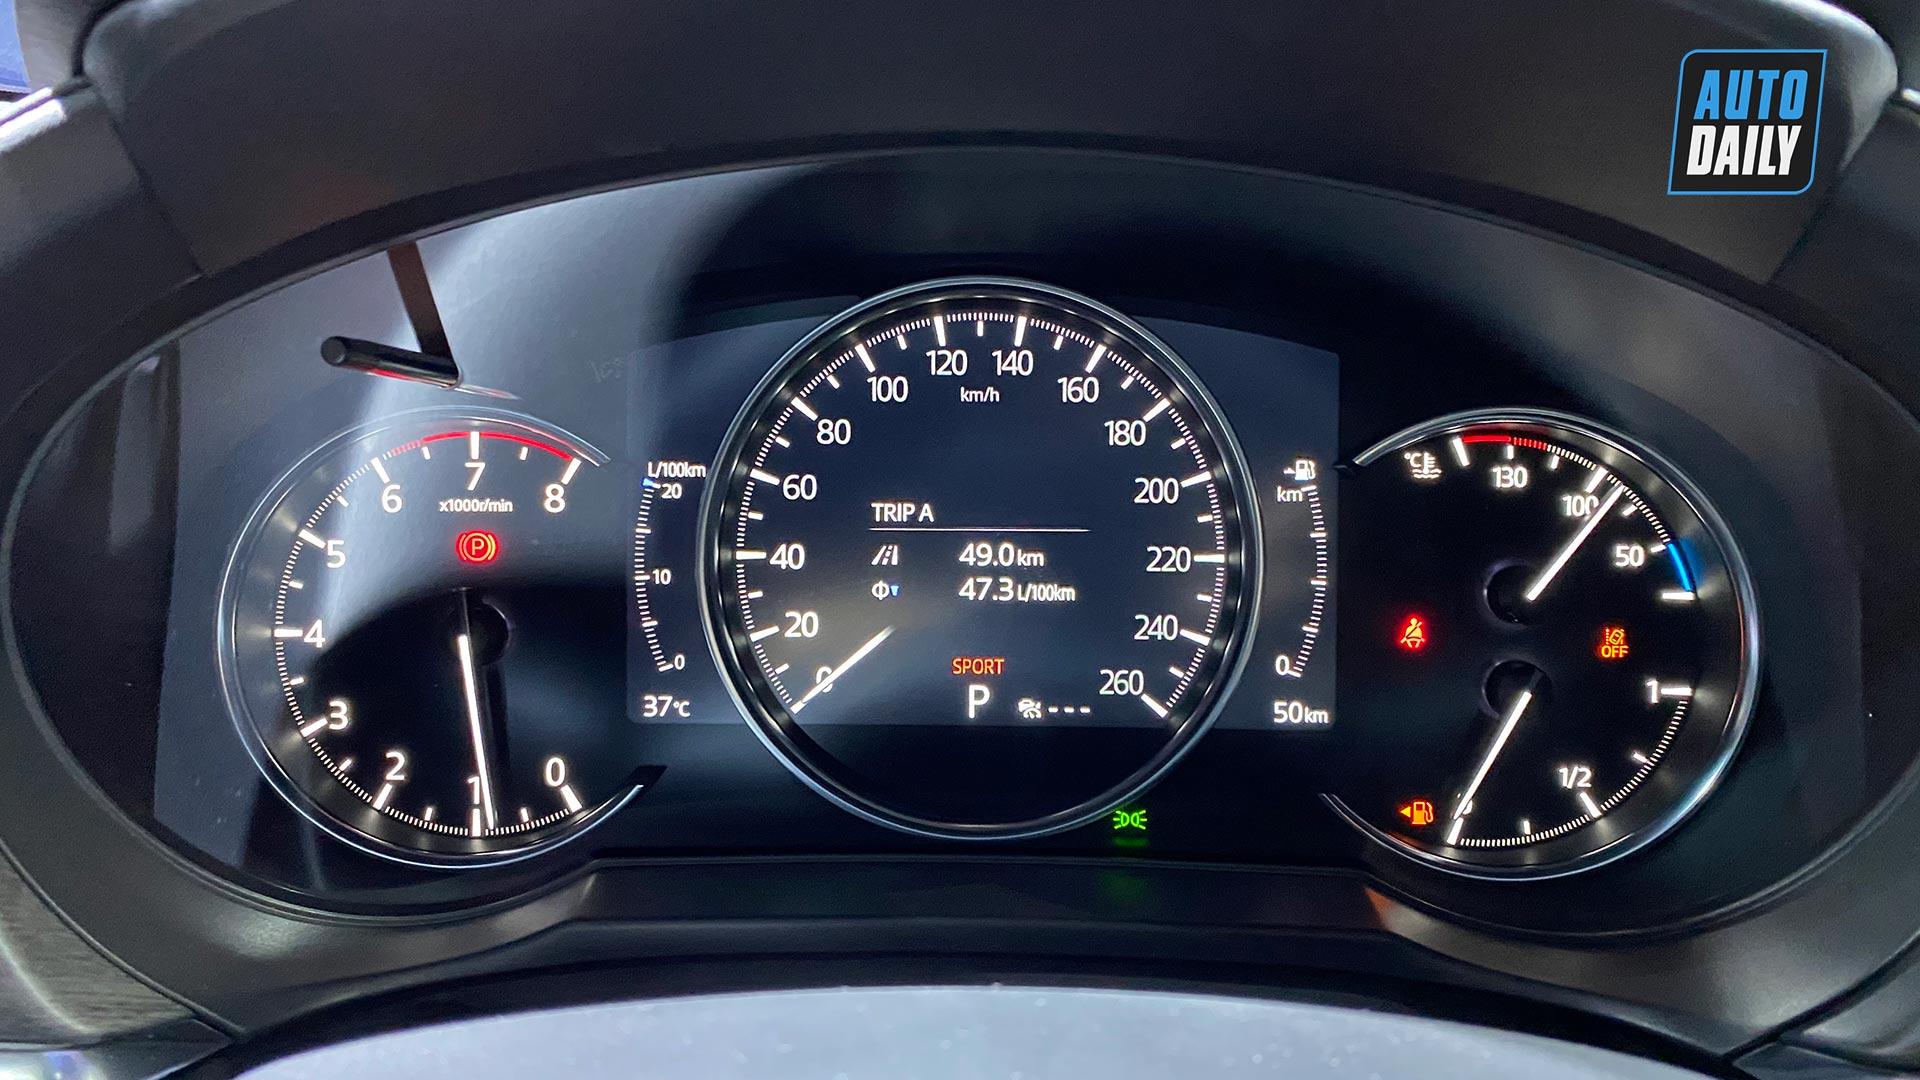 mazda6-2020-autodaily-08.jpg